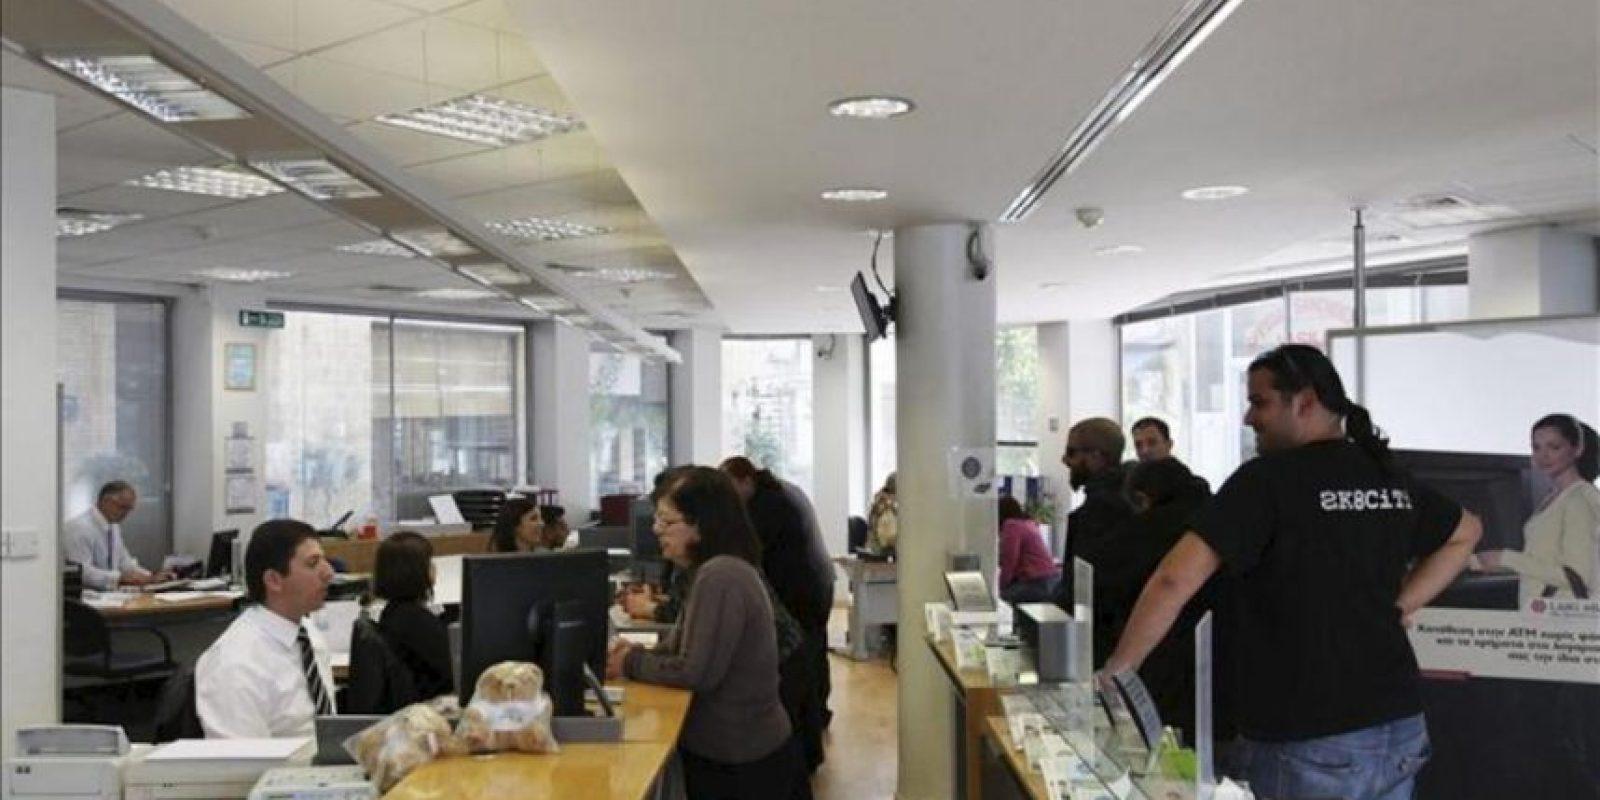 Vista del interior de una sucursal del Banco Laiki en Nicosia (Chipre) hoy, viernes 29 de marzo de 2013. Tras un arranque sin mayores contratiempos el jueves, los bancos chipriotas tienen hoy su segunda jornada de apertura al público y la última de la semana para la mayoría de ellos. EFE